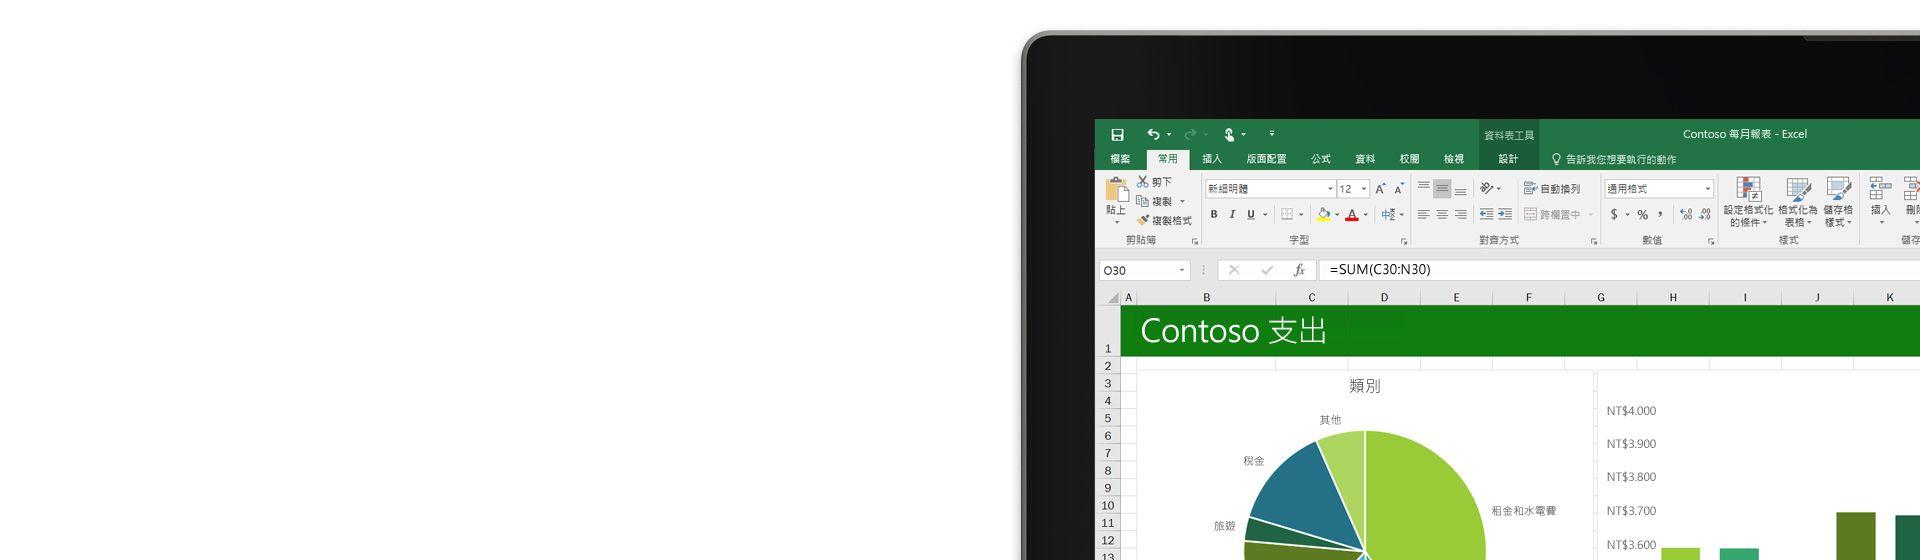 顯示含圖表 Microsoft Excel 試算表的膝上型電腦。